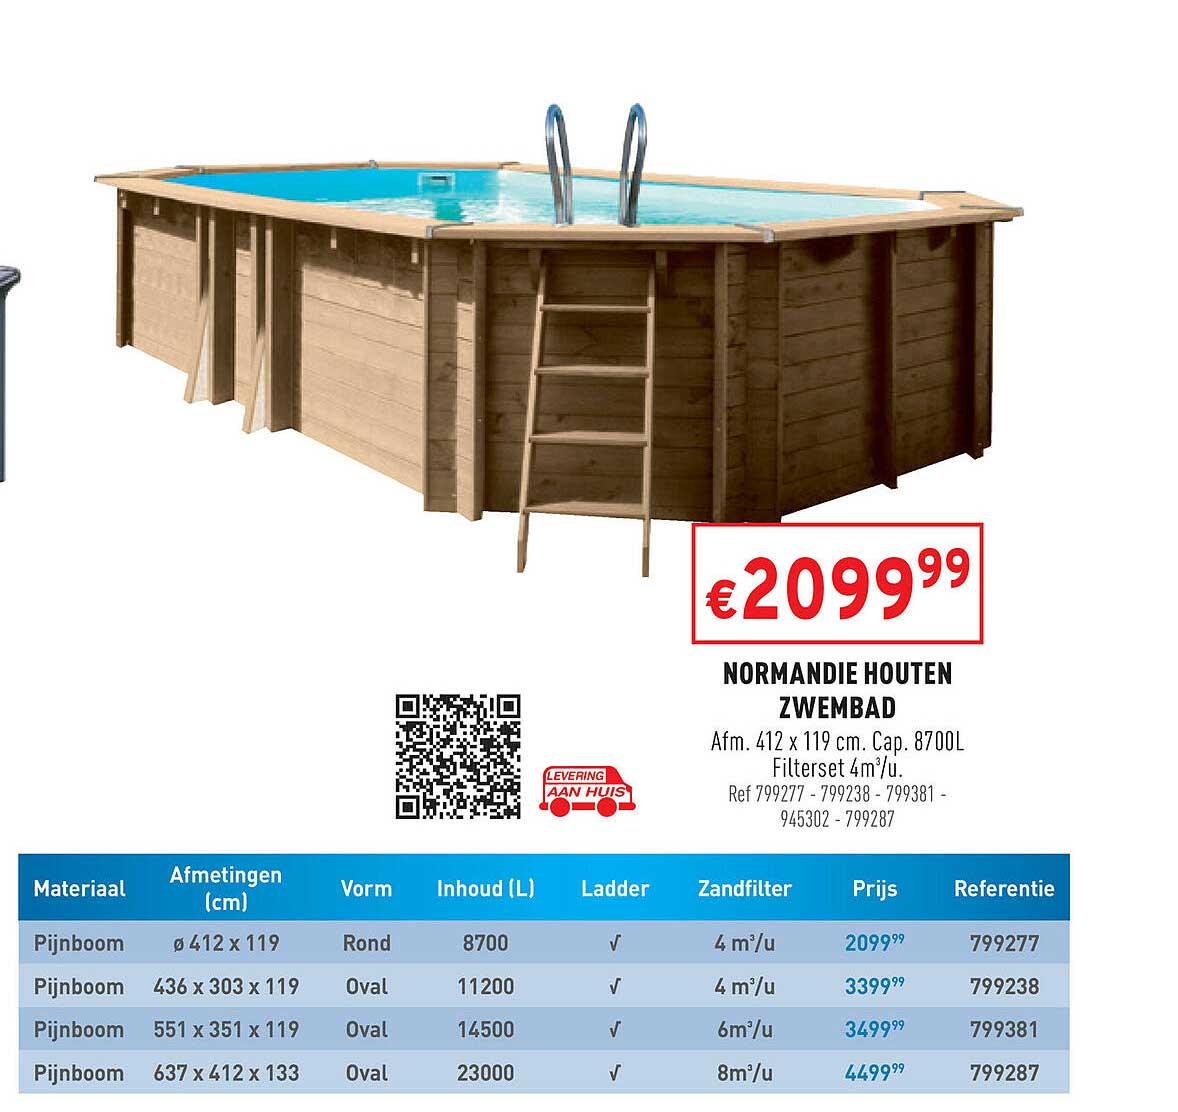 Trafic Normandie Houten Zwembad